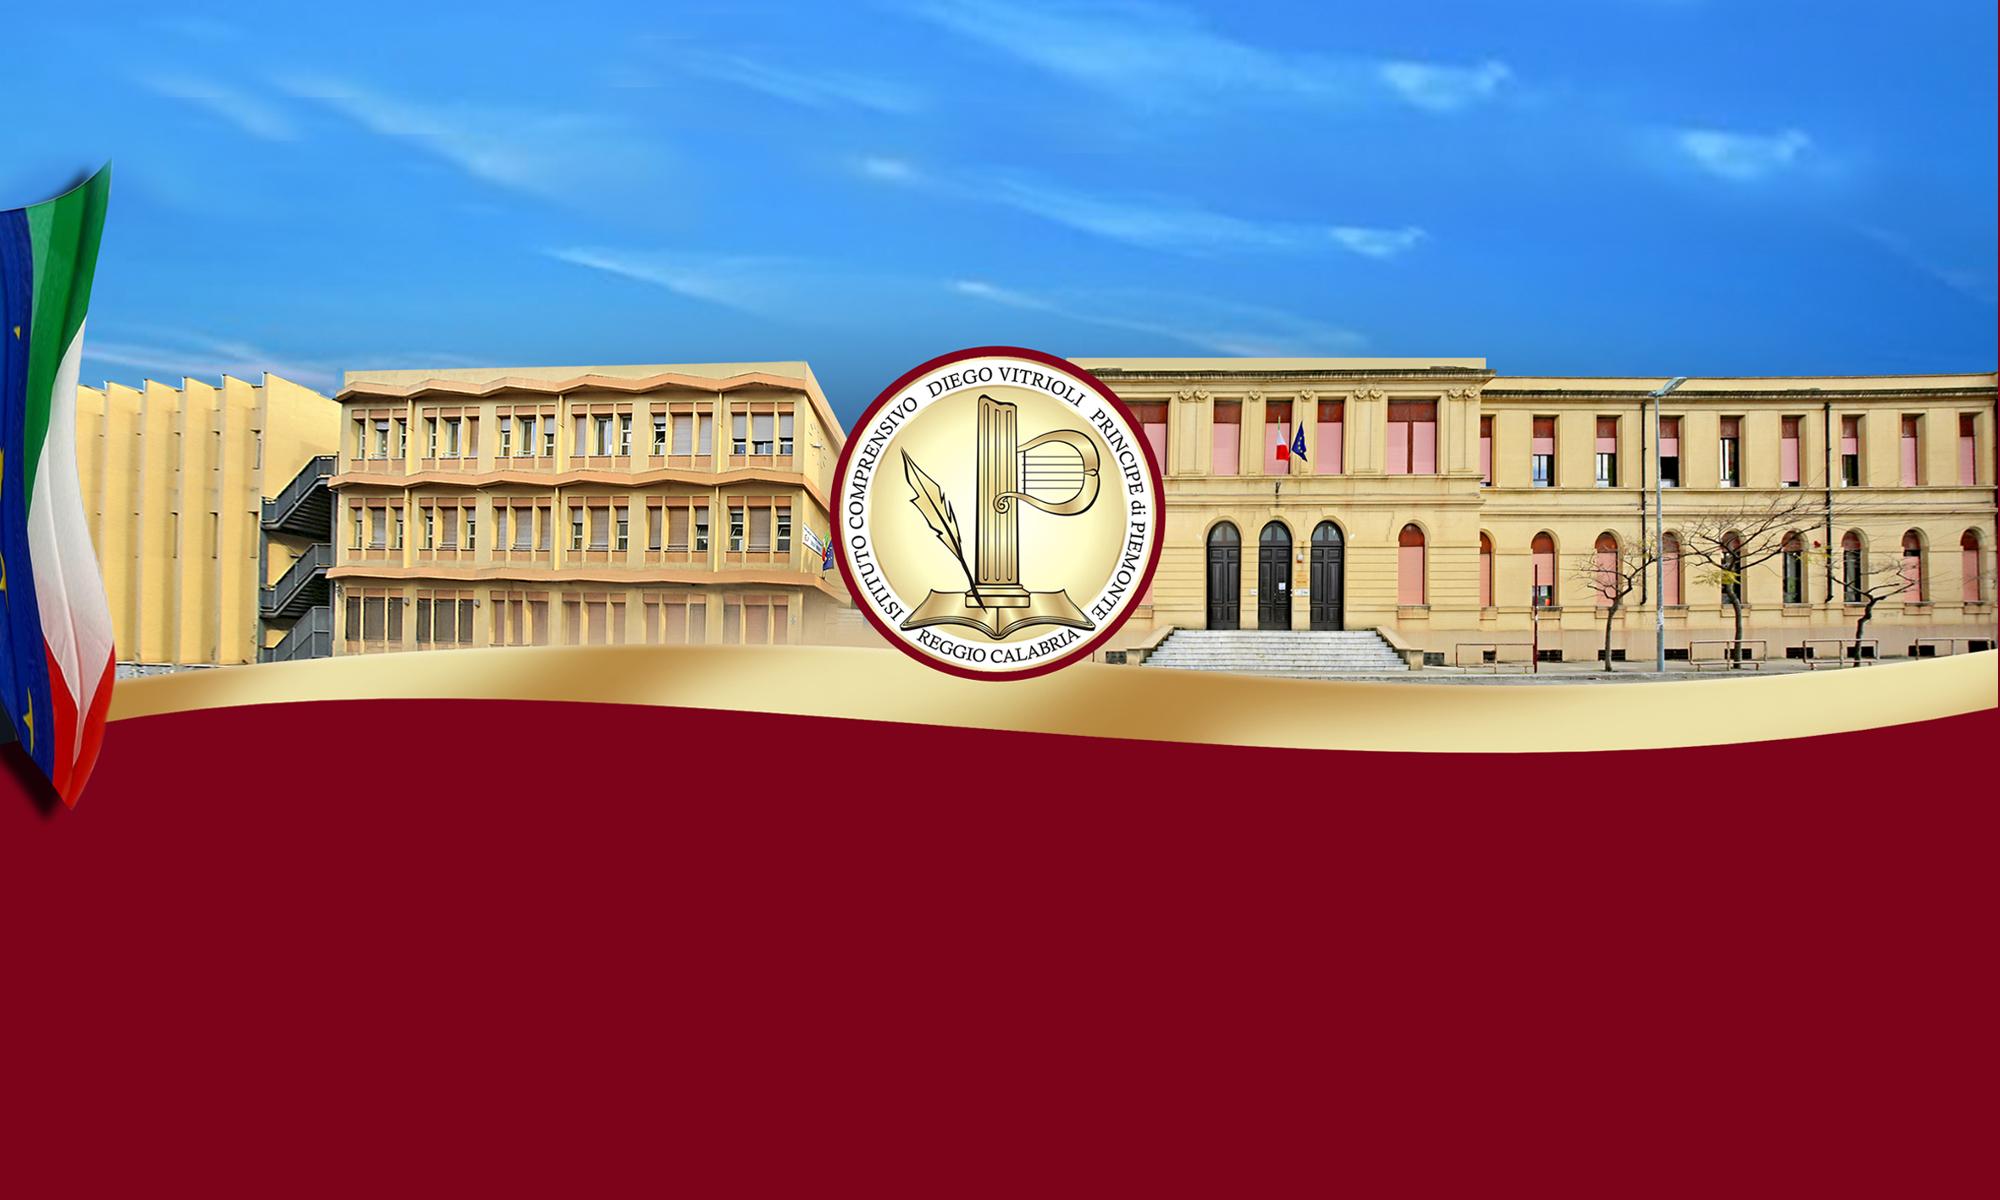 I.C. Vitrioli Principe di Piemonte